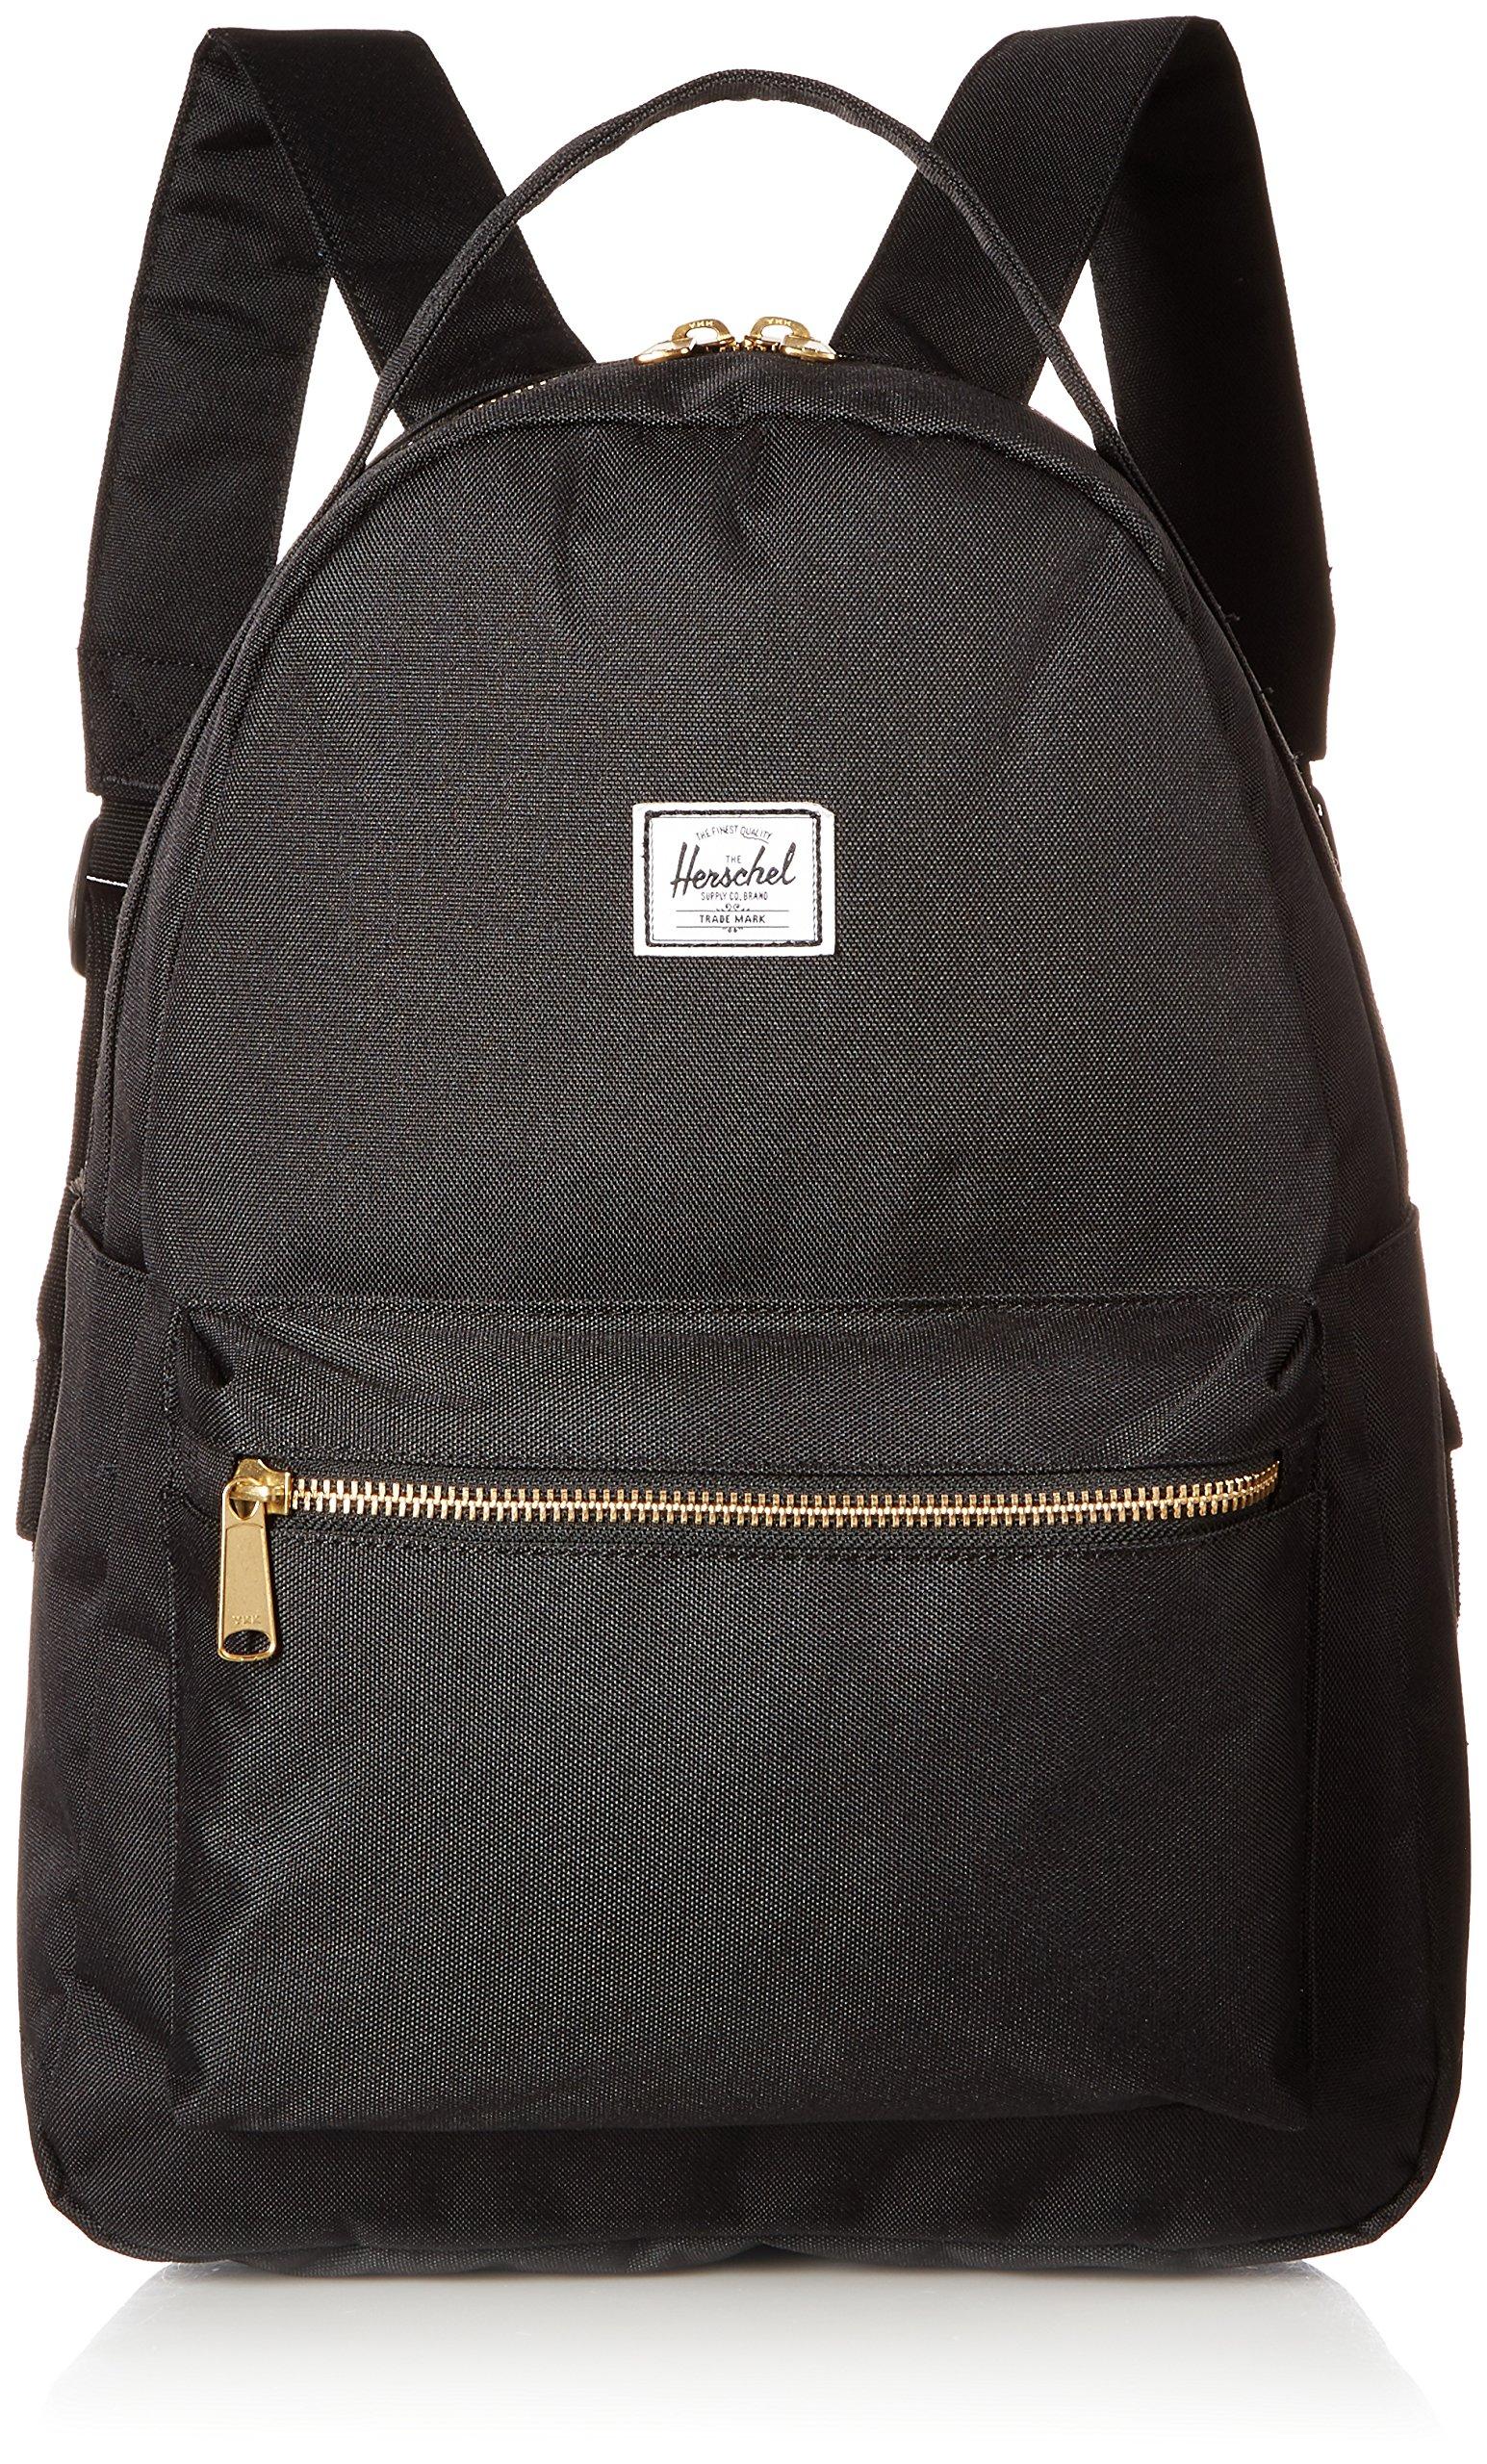 Herschel Nova Mid-Volume Backpack, Black, One Size by Herschel